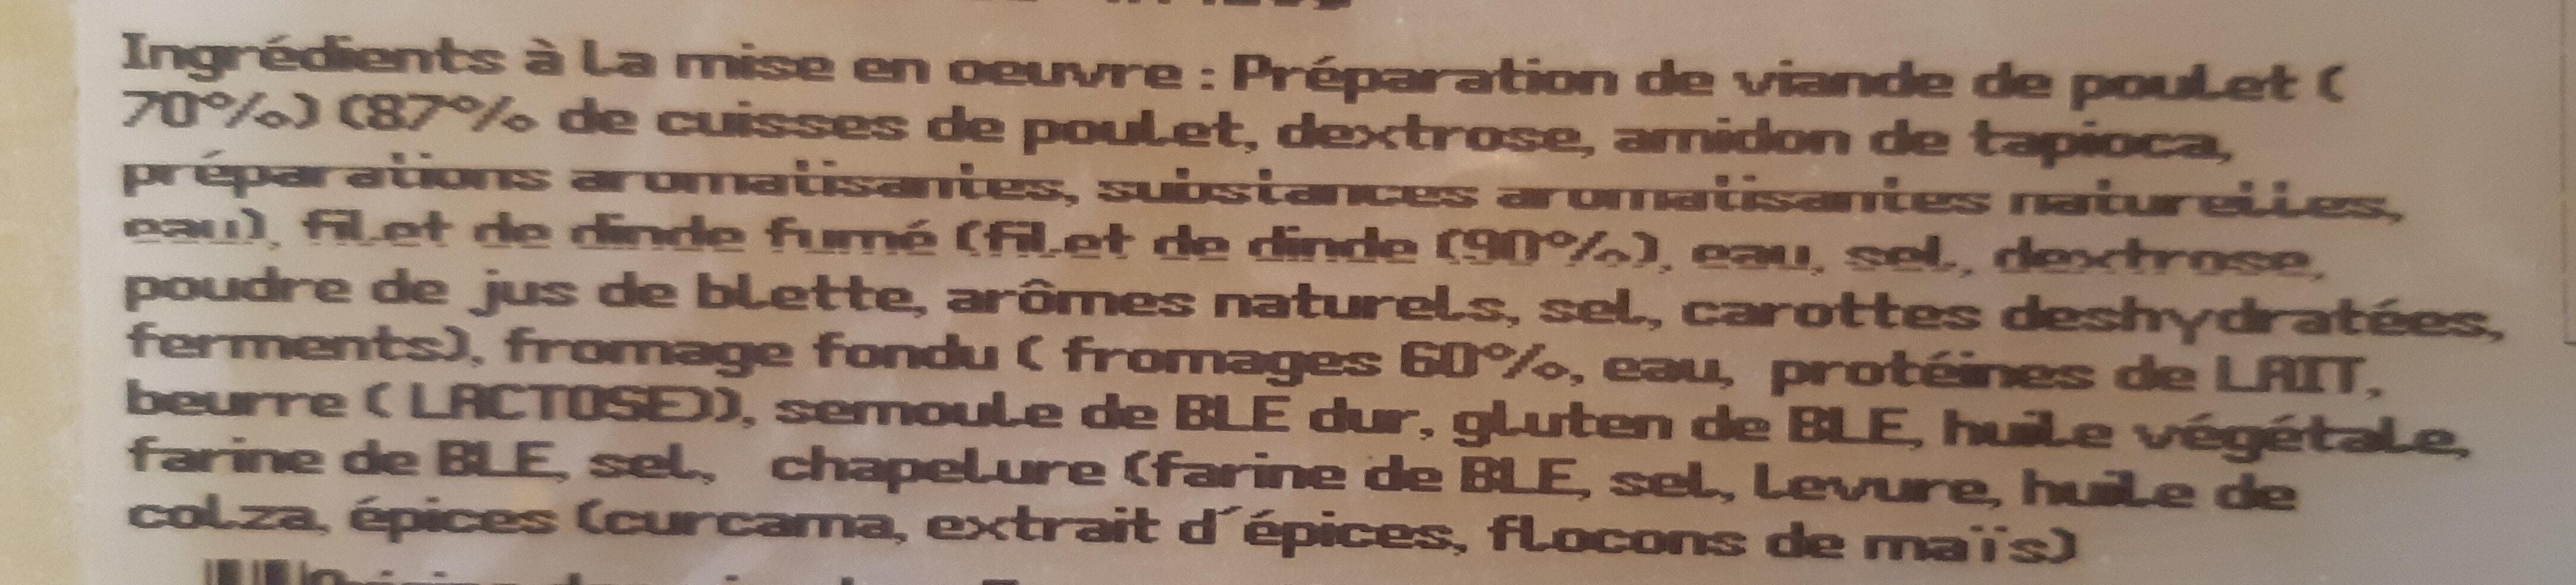 Le cordon bleu de poulet - Ingrédients - fr